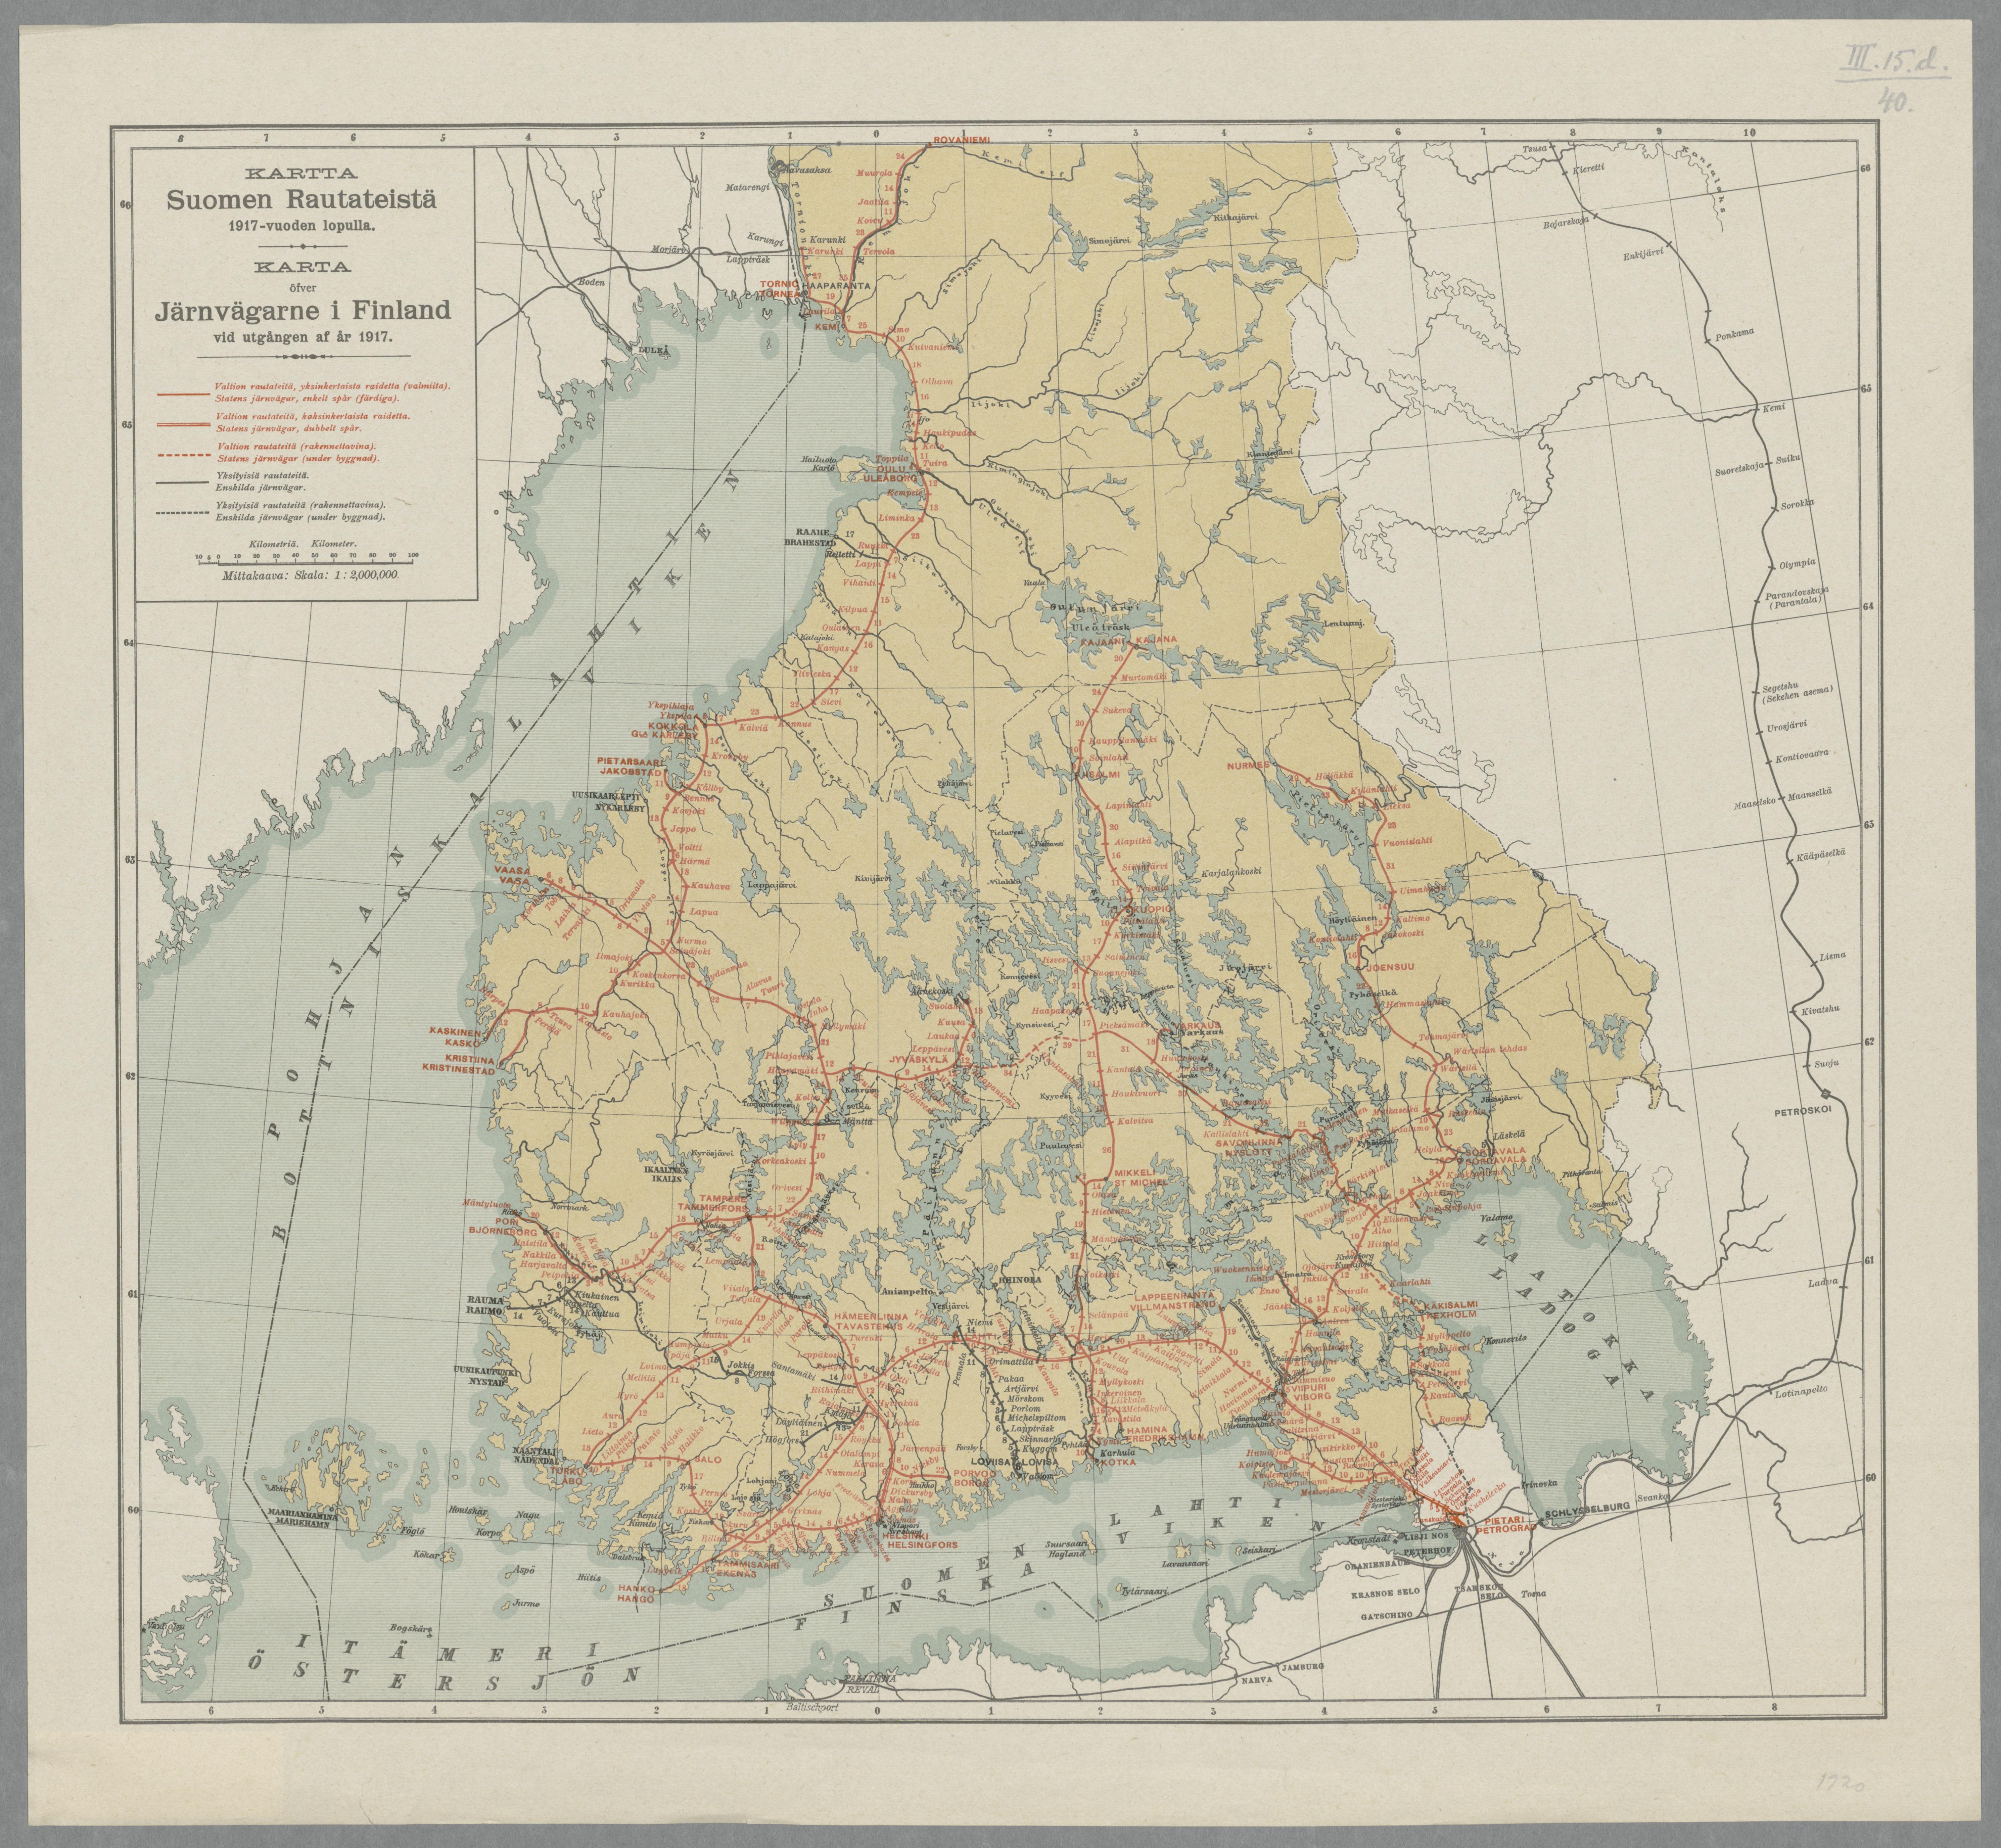 Kartta Suomen Rautateista 1917 Vuoden Lopulla Karta Ofver